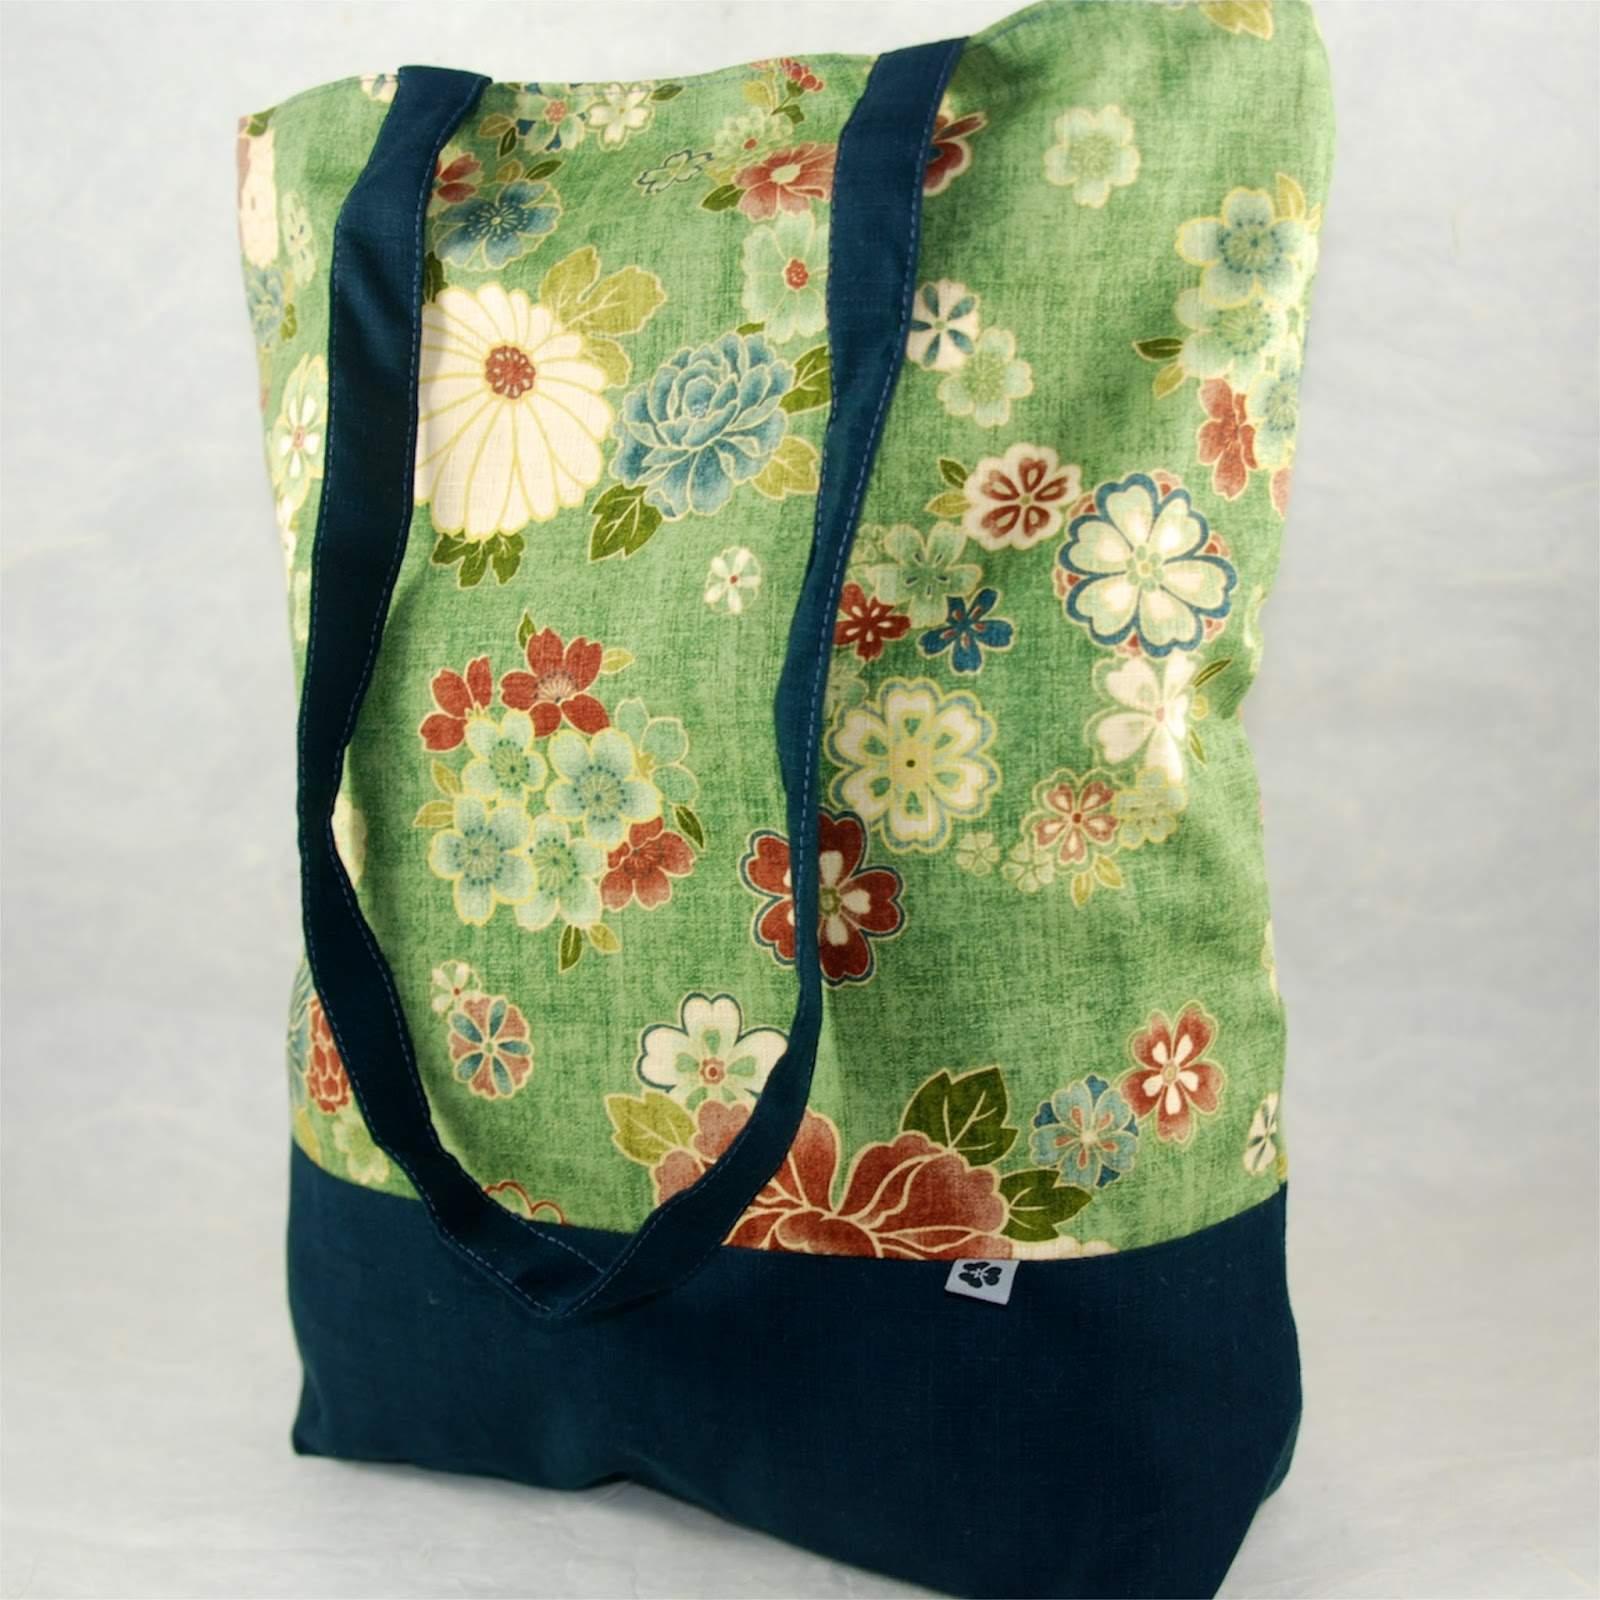 Einkaufsbeutel FURUSATO aus japanischen Stoffen Noriko handmade 05